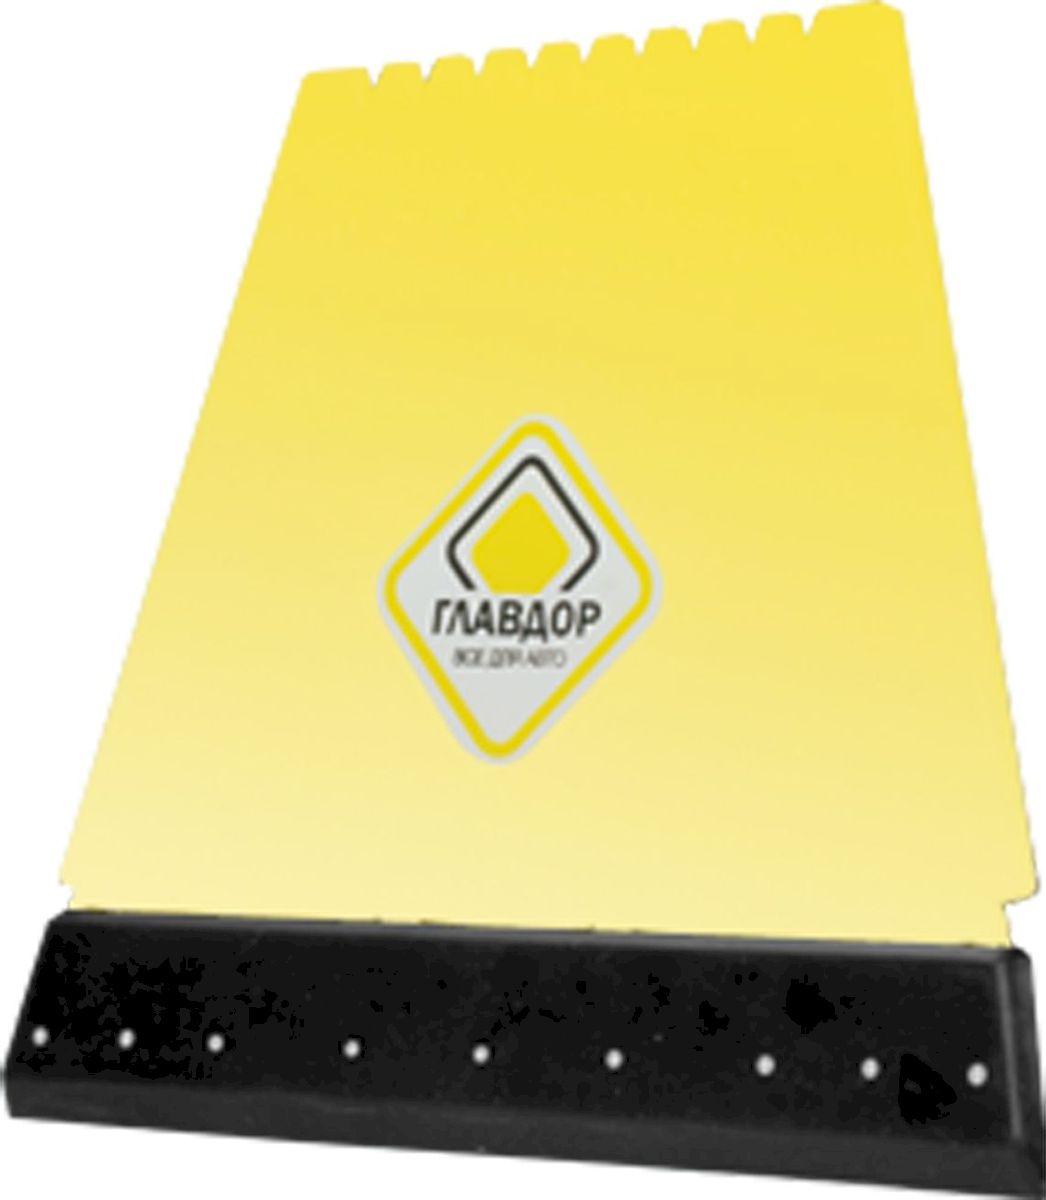 Скребок Главдор, четырехсторонний, цвет: желтыйGL-506Продуманный до мелочей скребок для льда и сгона воды, в котором задействованы все четыре стороны для более эффективного удаление нежелательной наледи с поверхности автомобиля.Имеет два тонких лезвия по бокам, резиновый сгон и разрыхлитель наледи. Удобно лежит в руке, а хранение не занимает много места.